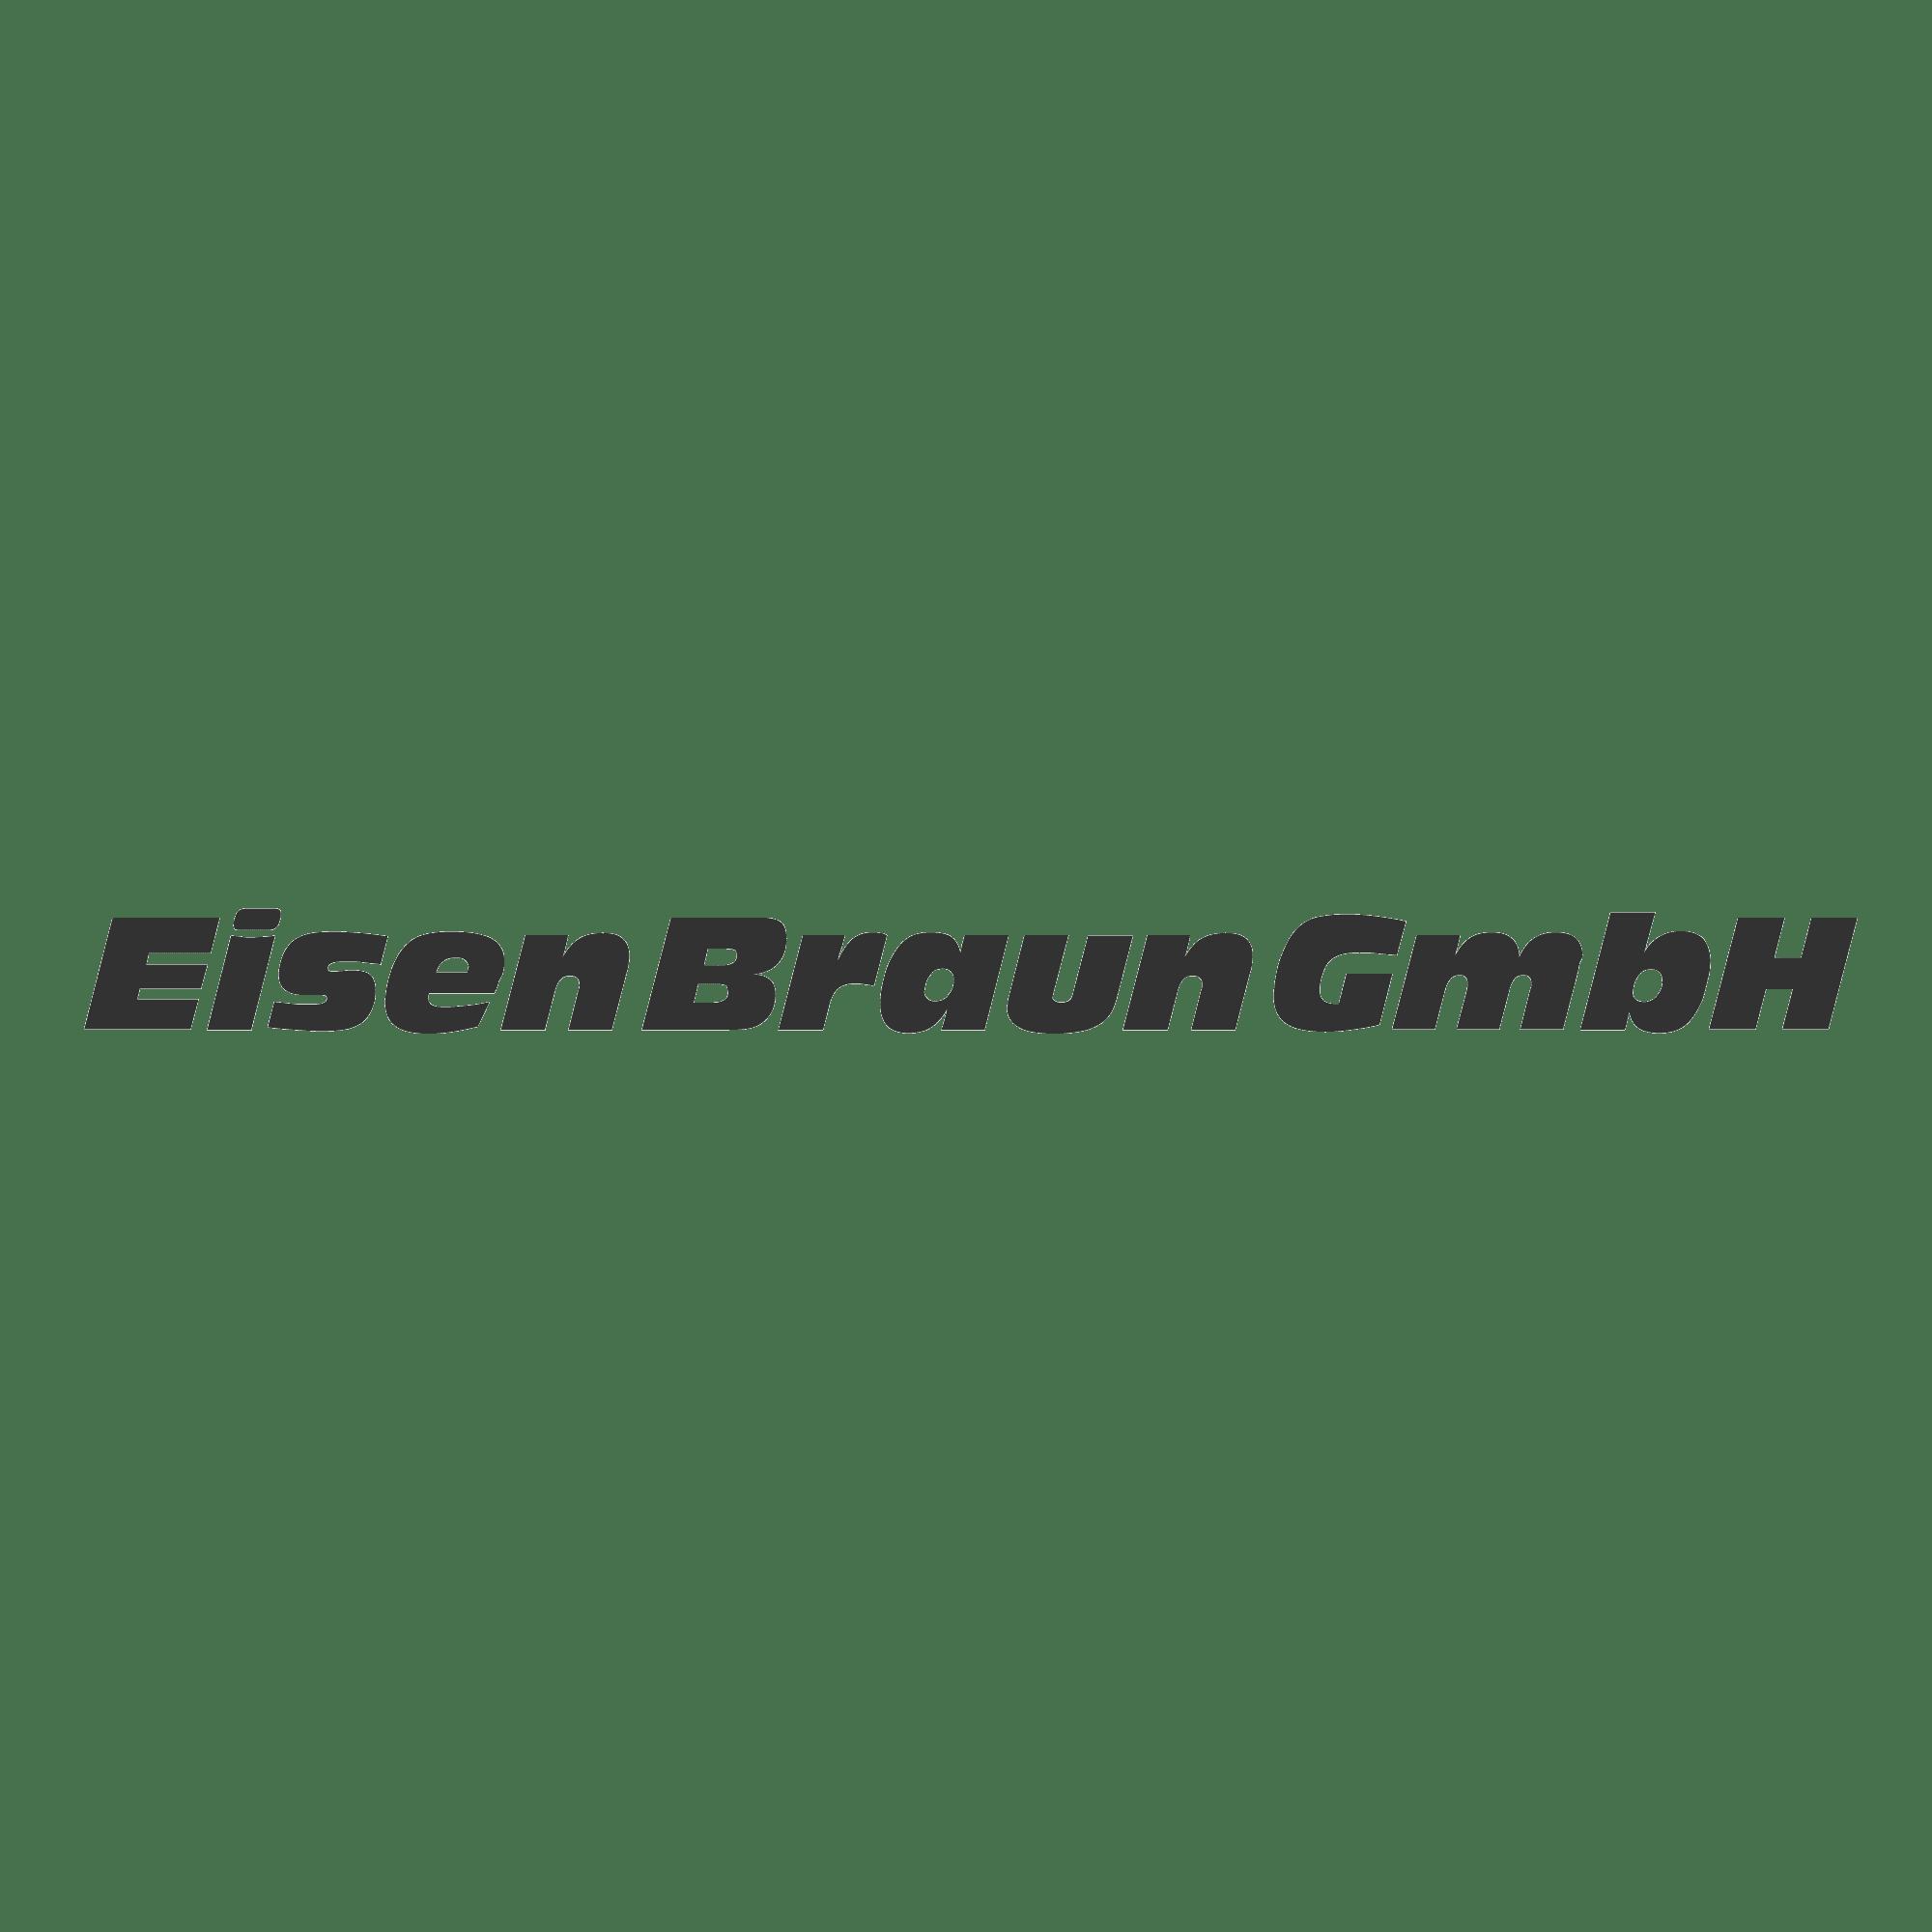 16zu9 eisenBraun GmbH Logo